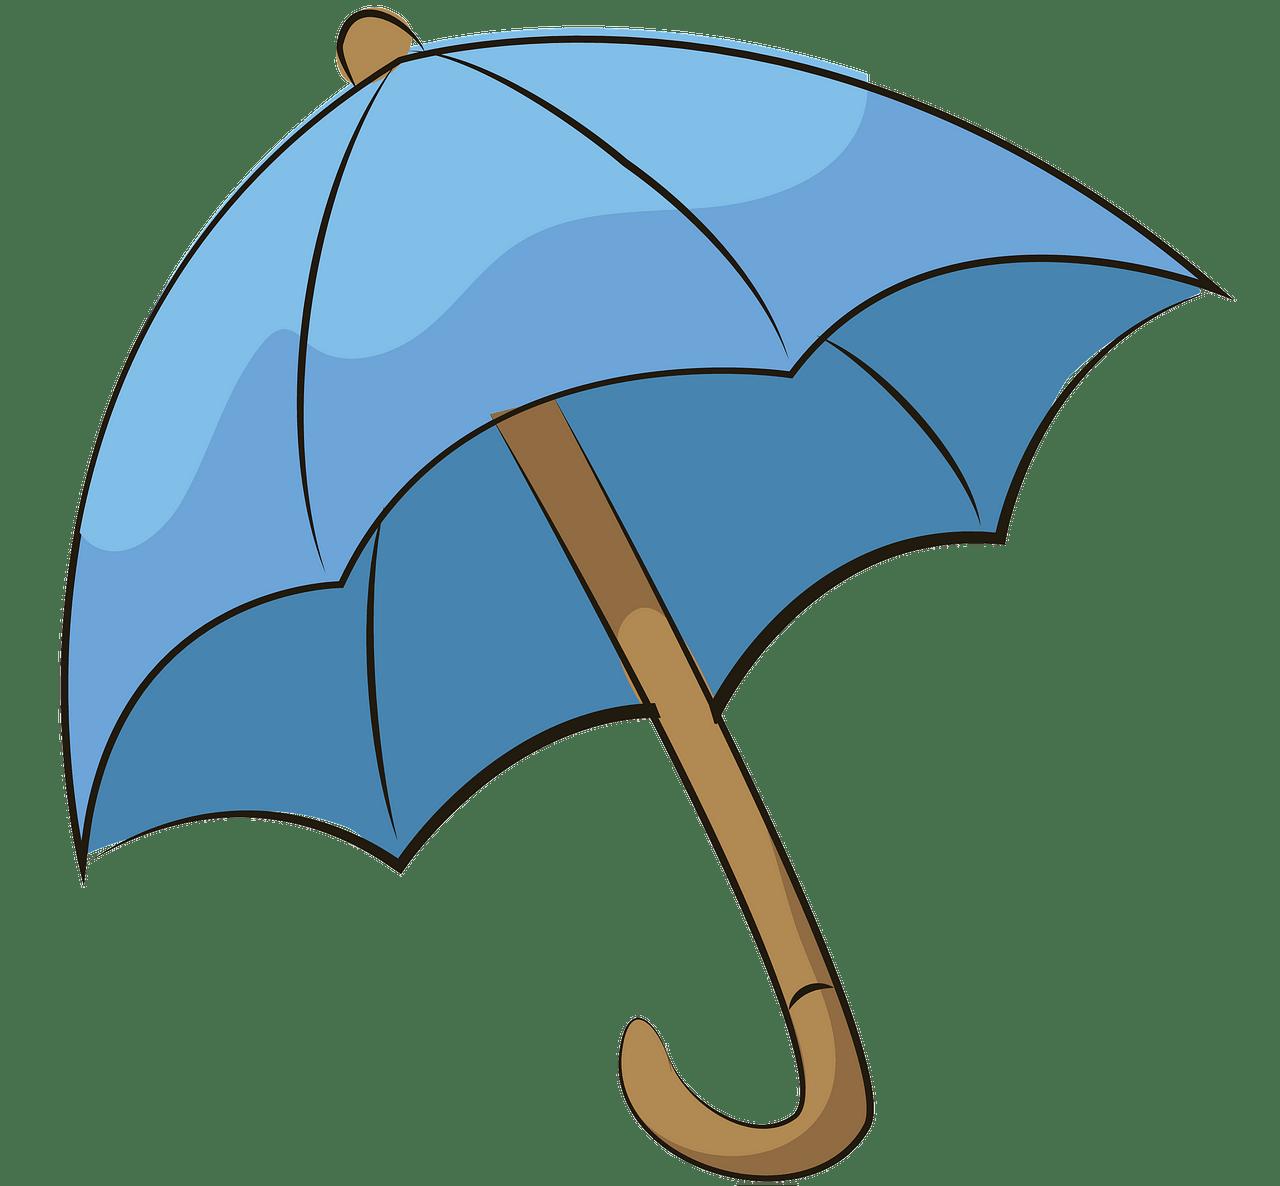 Blue umbrella clipart.